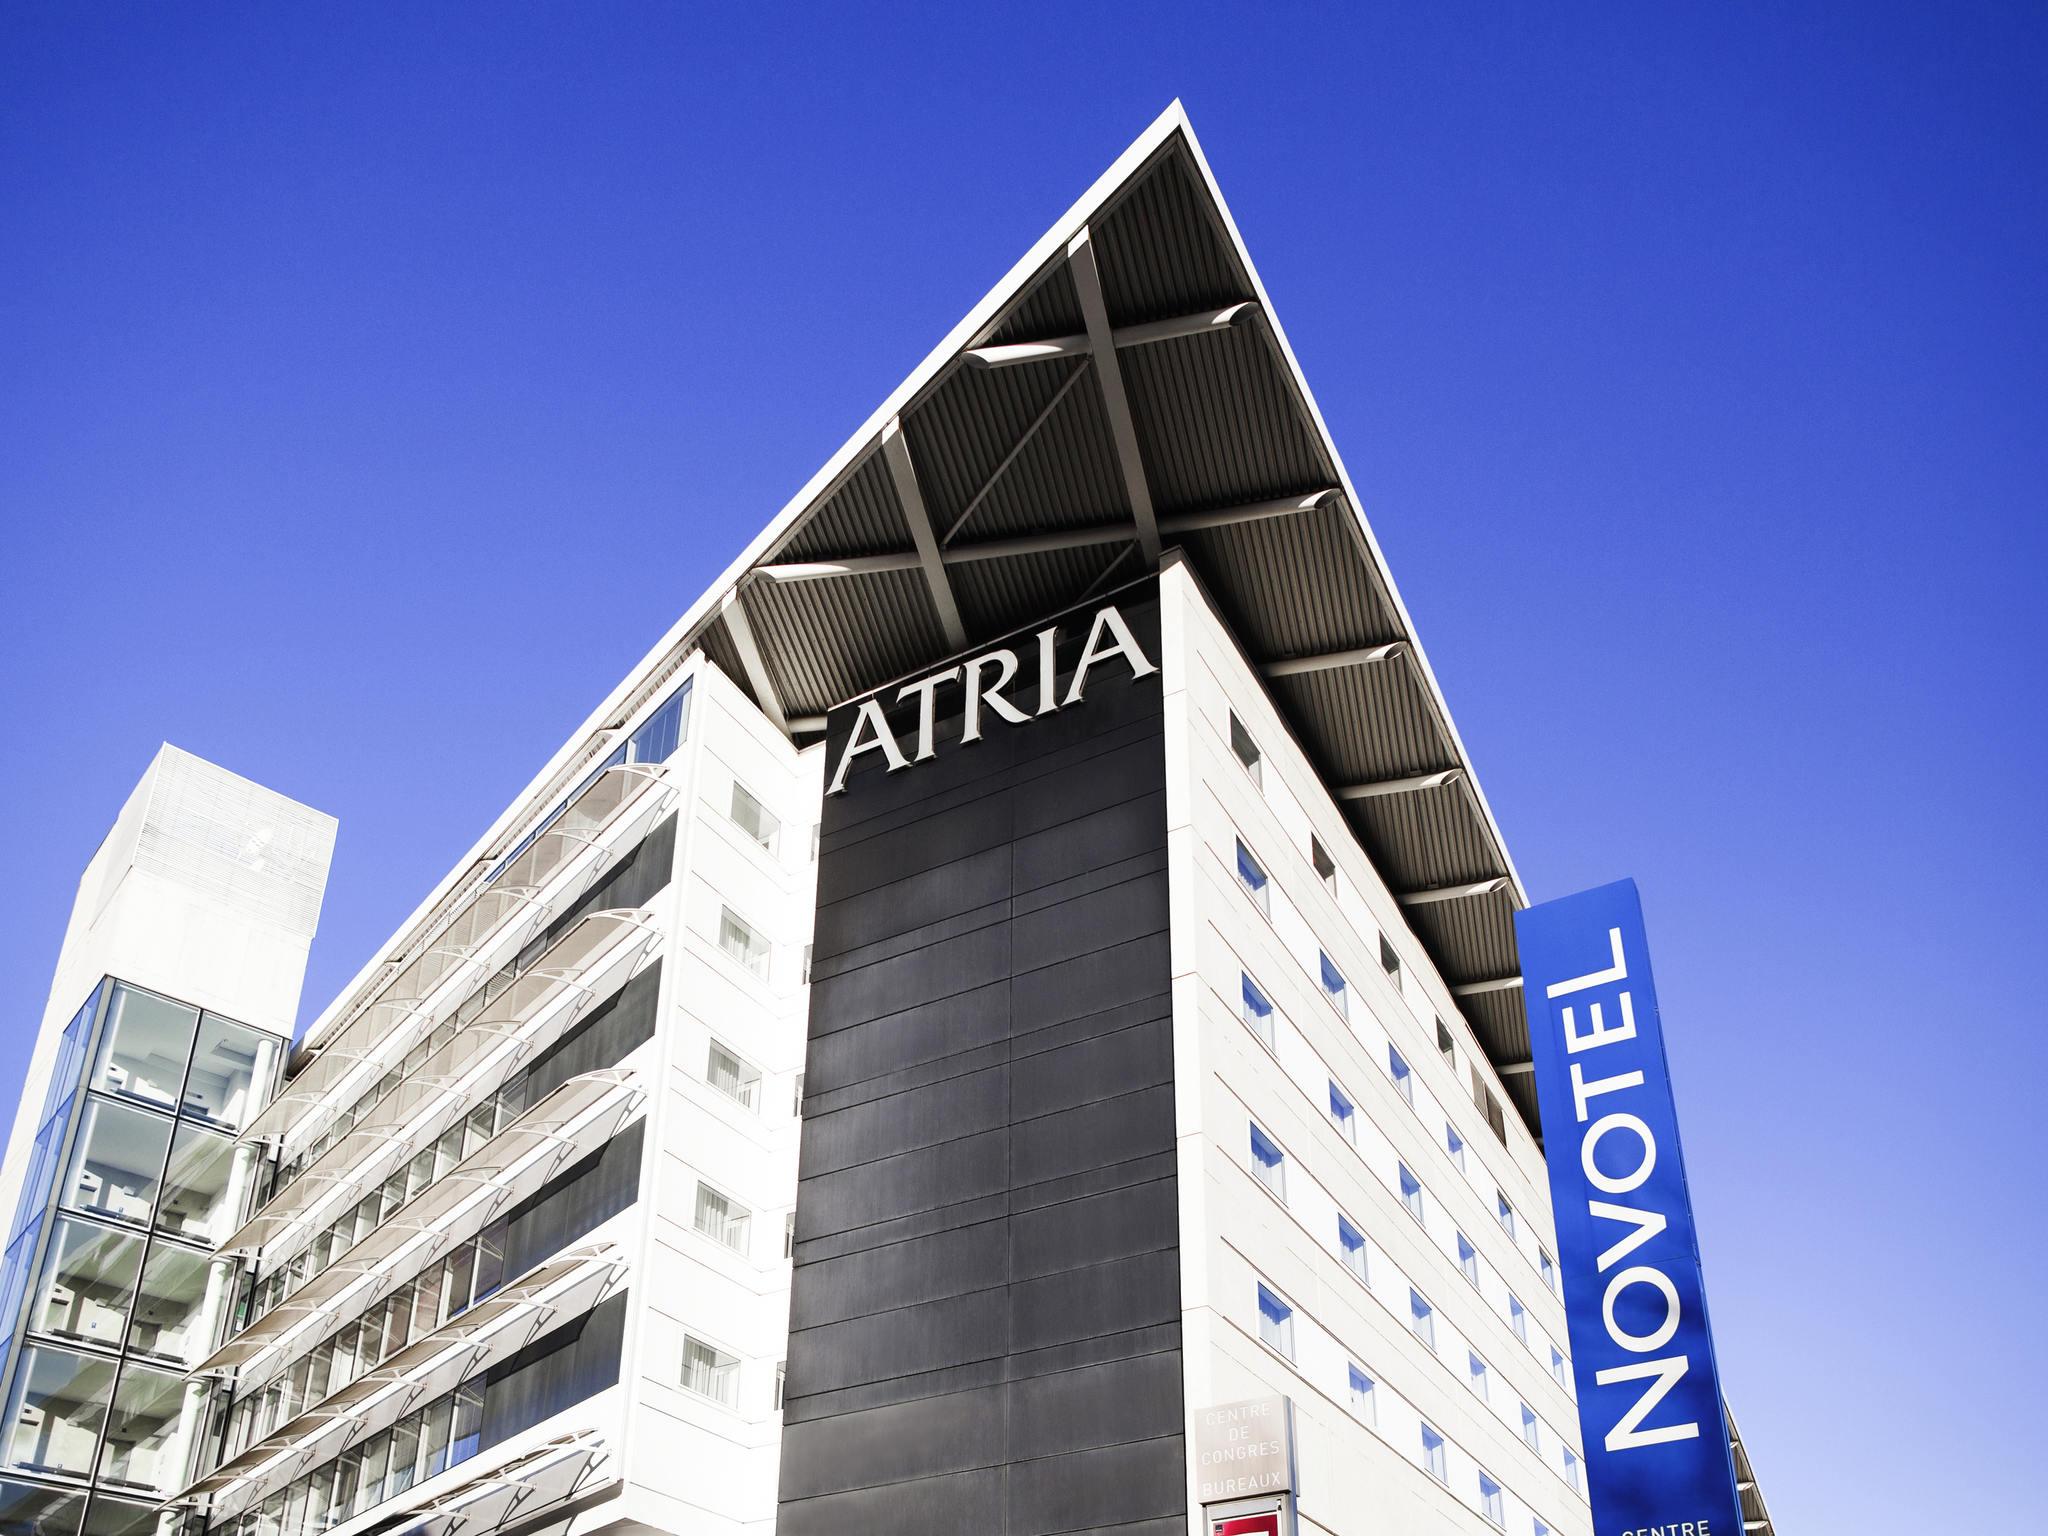 โรงแรม – Novotel Belfort Centre Atria